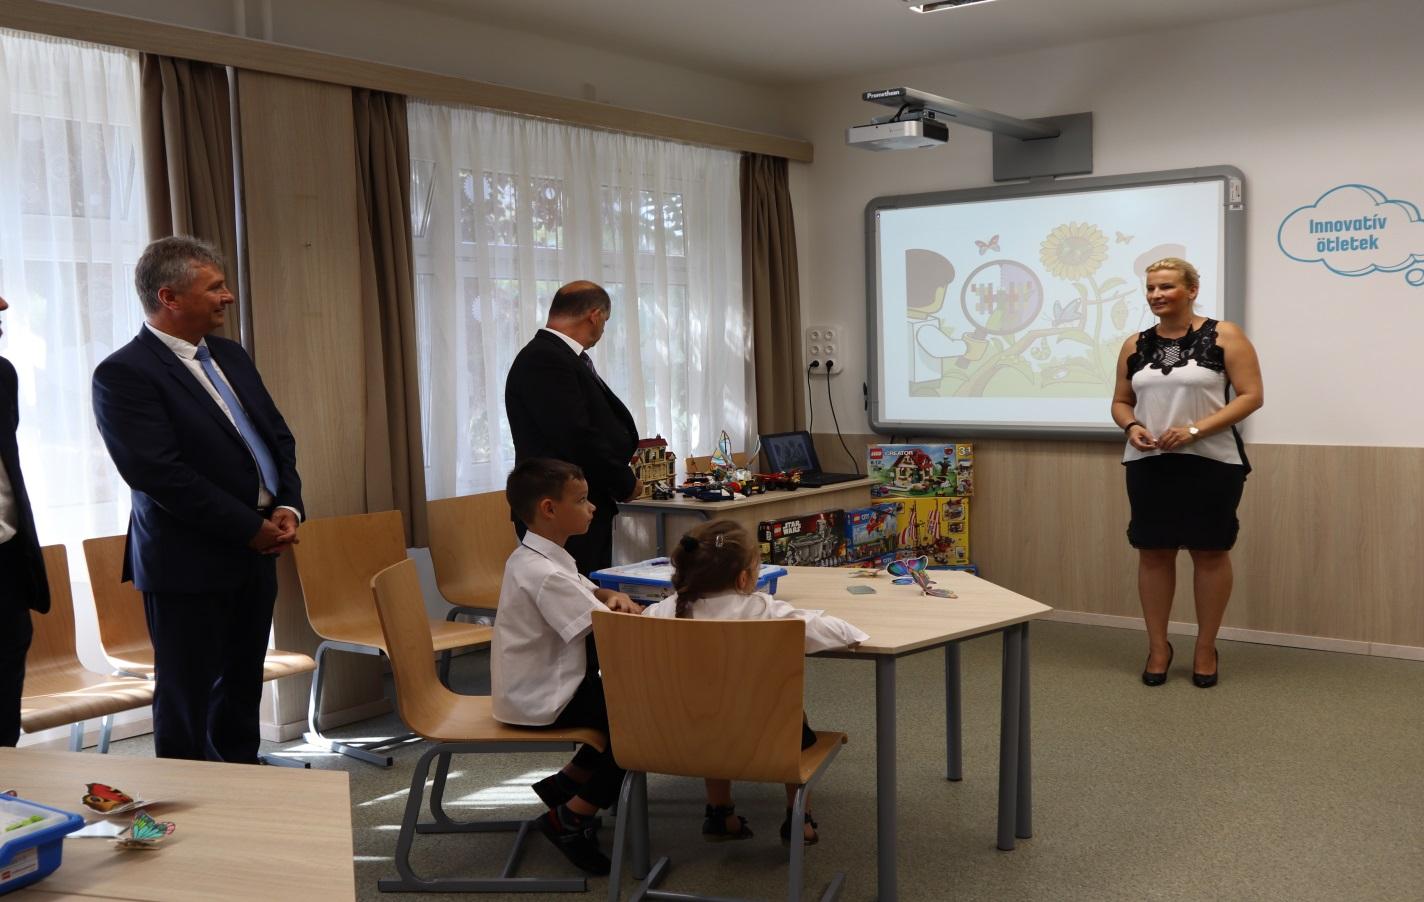 Dr. Juhászné Molnár Tünde bemutató foglalkozást tart